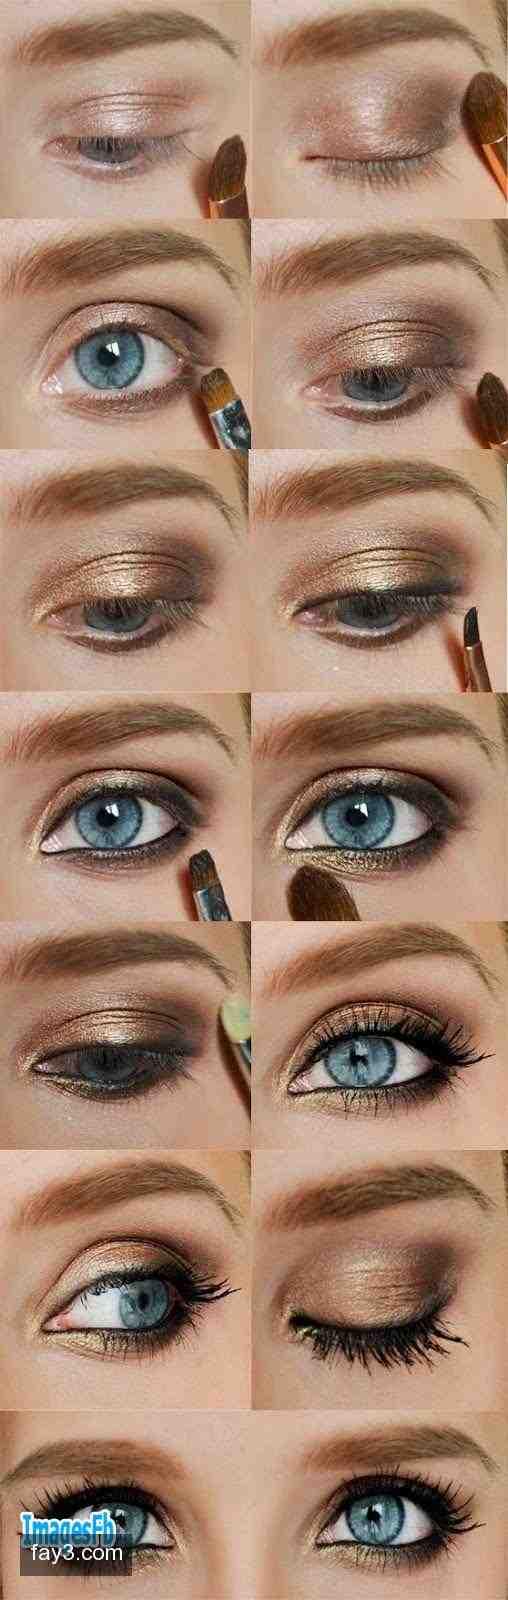 ألبوم طريقة وضع المكياج خطوة بخطوة بالصور Smokey Eye Makeup Blue Eye Makeup Tutorial Eye Makeup